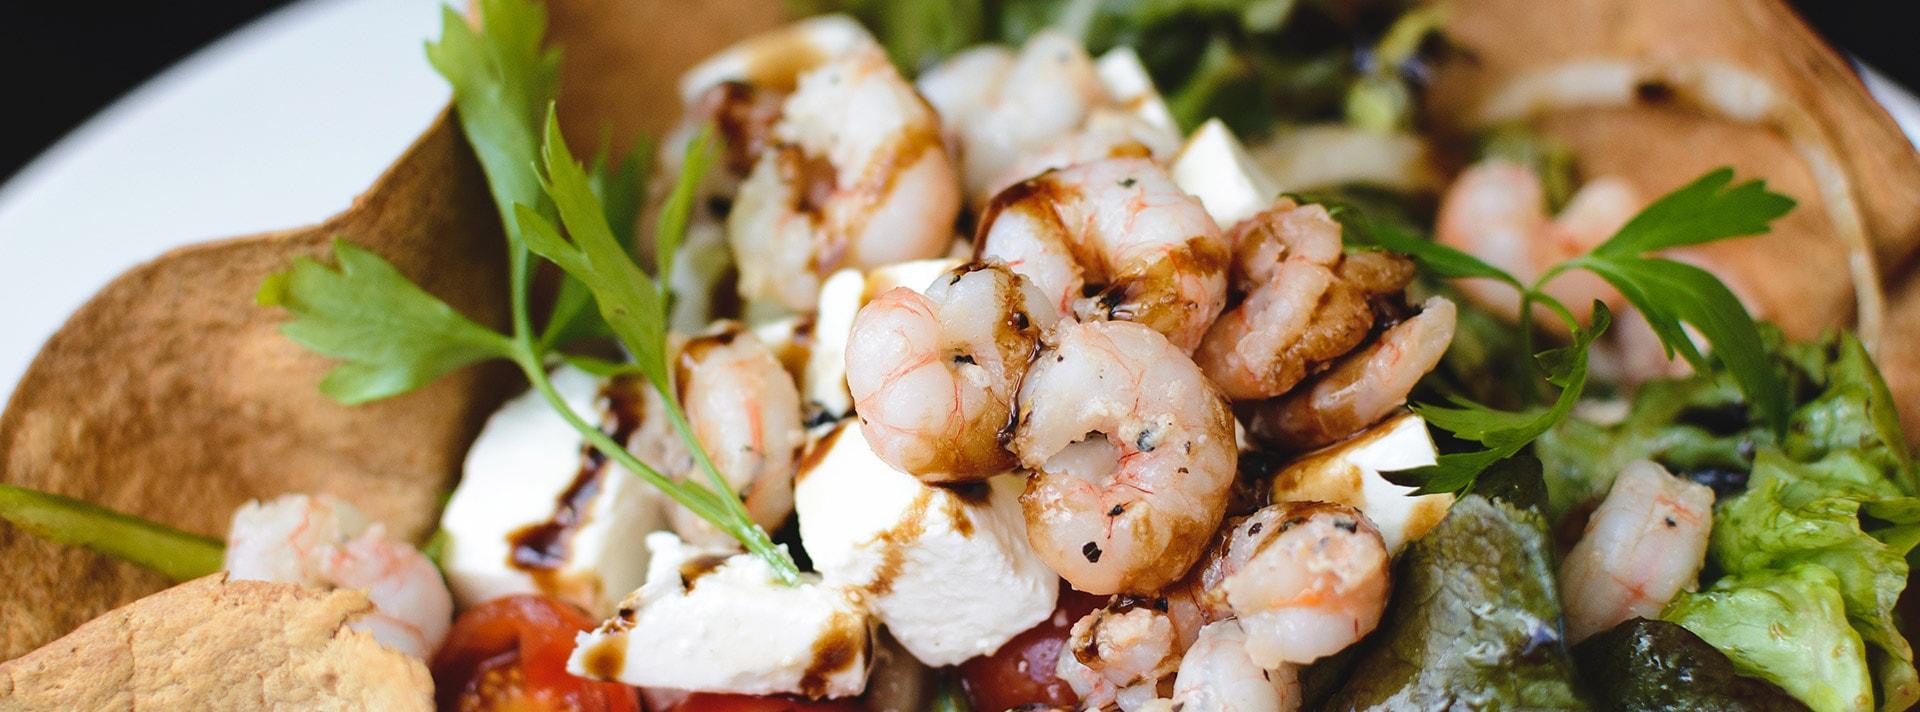 Nhà Hàng Vạn Chài Seafood